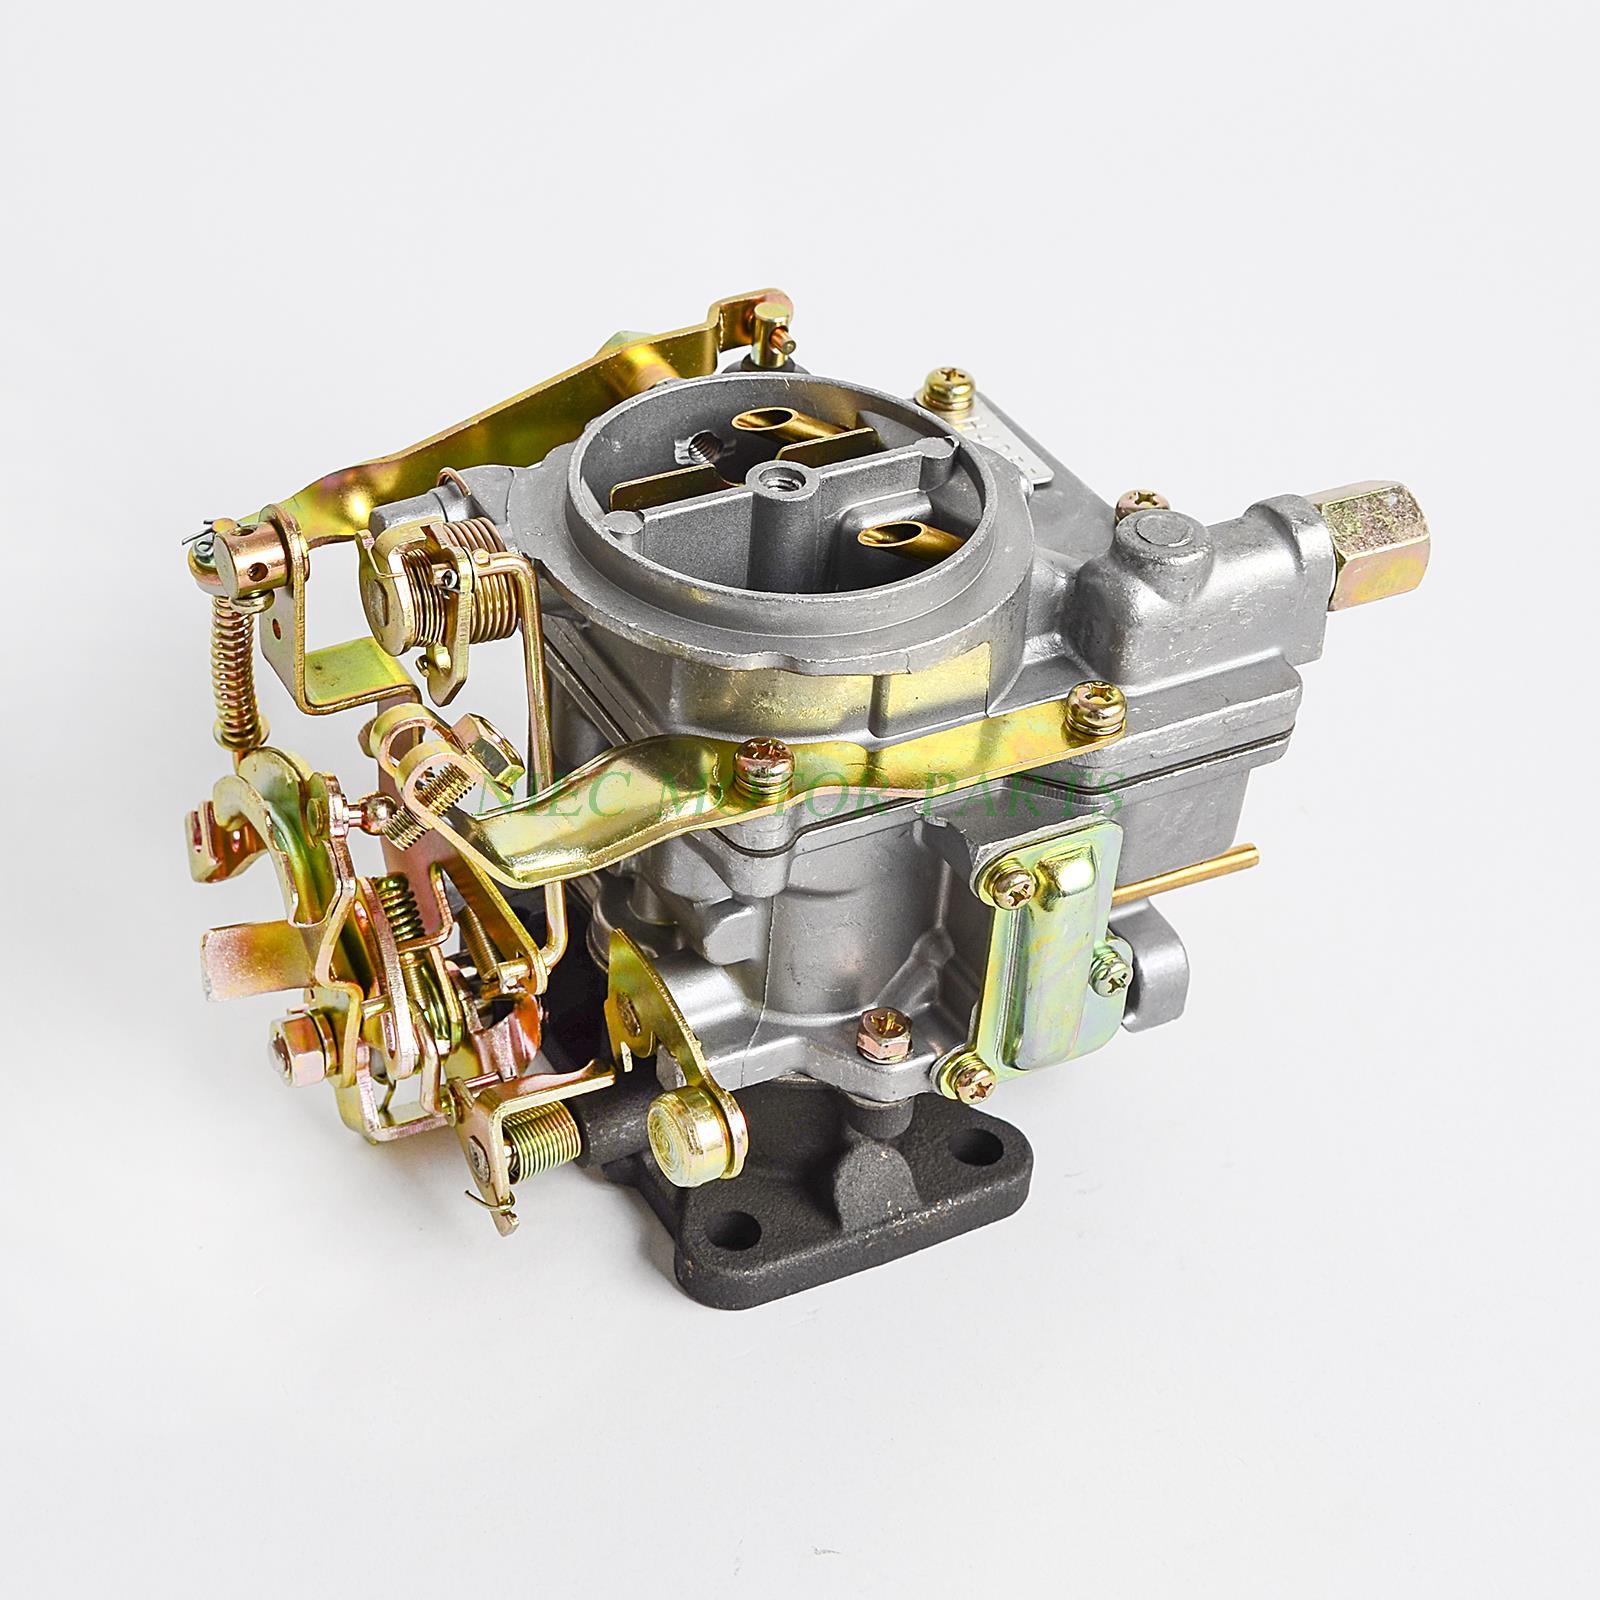 Carburador Carburador Carby para 21100-24045 Toyota 3K Corolla Starlet Trueno